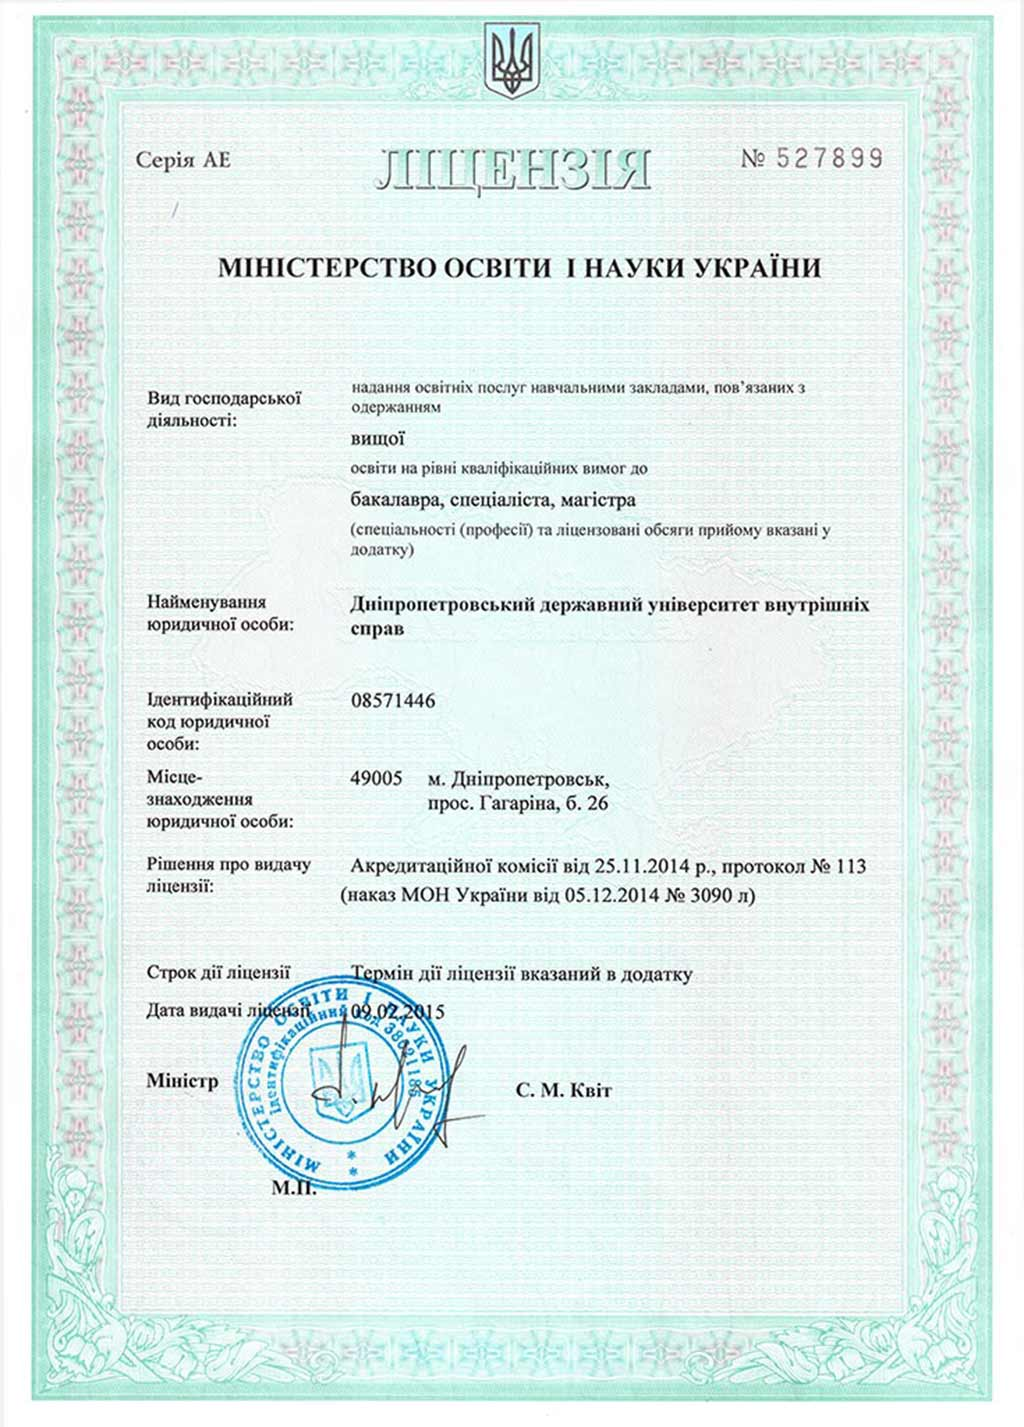 Сертифікати про акредитацію, ліцензії